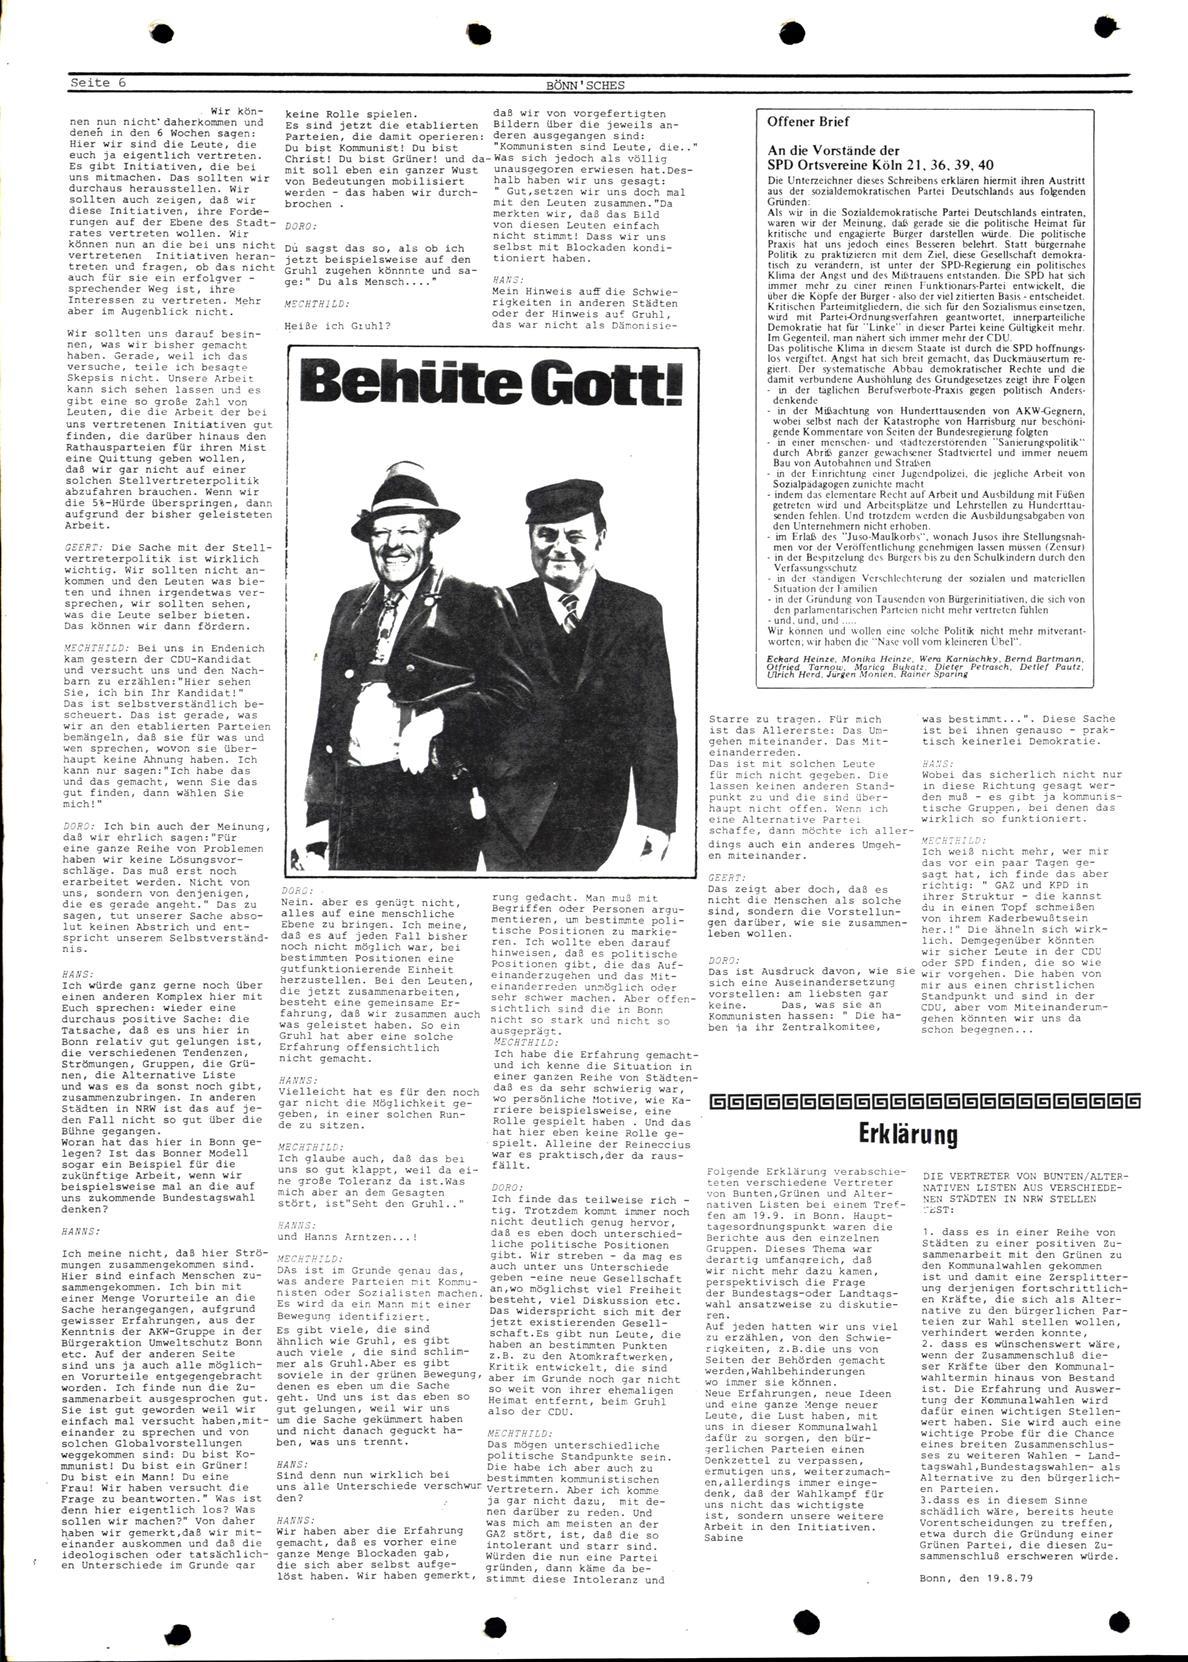 Bonner_Volksblatt_27_19790828_06